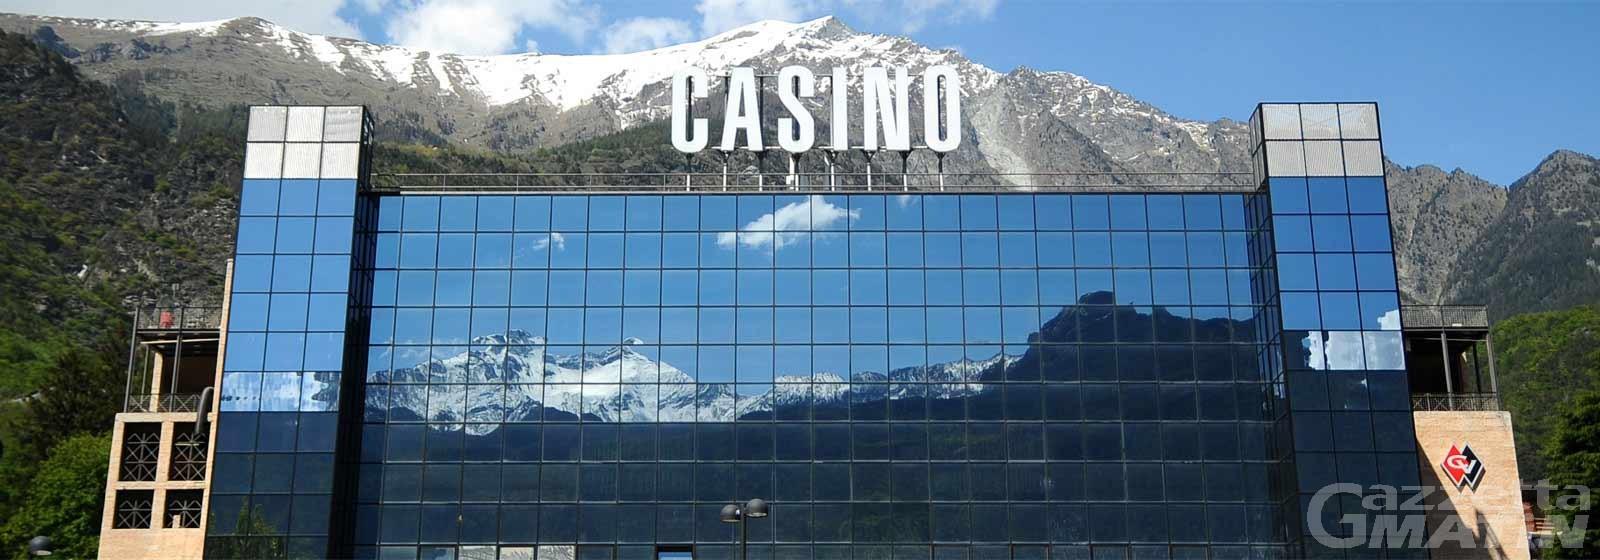 Privatizzazione Casinò: 150 milioni da cordata tirata De Vere Concept